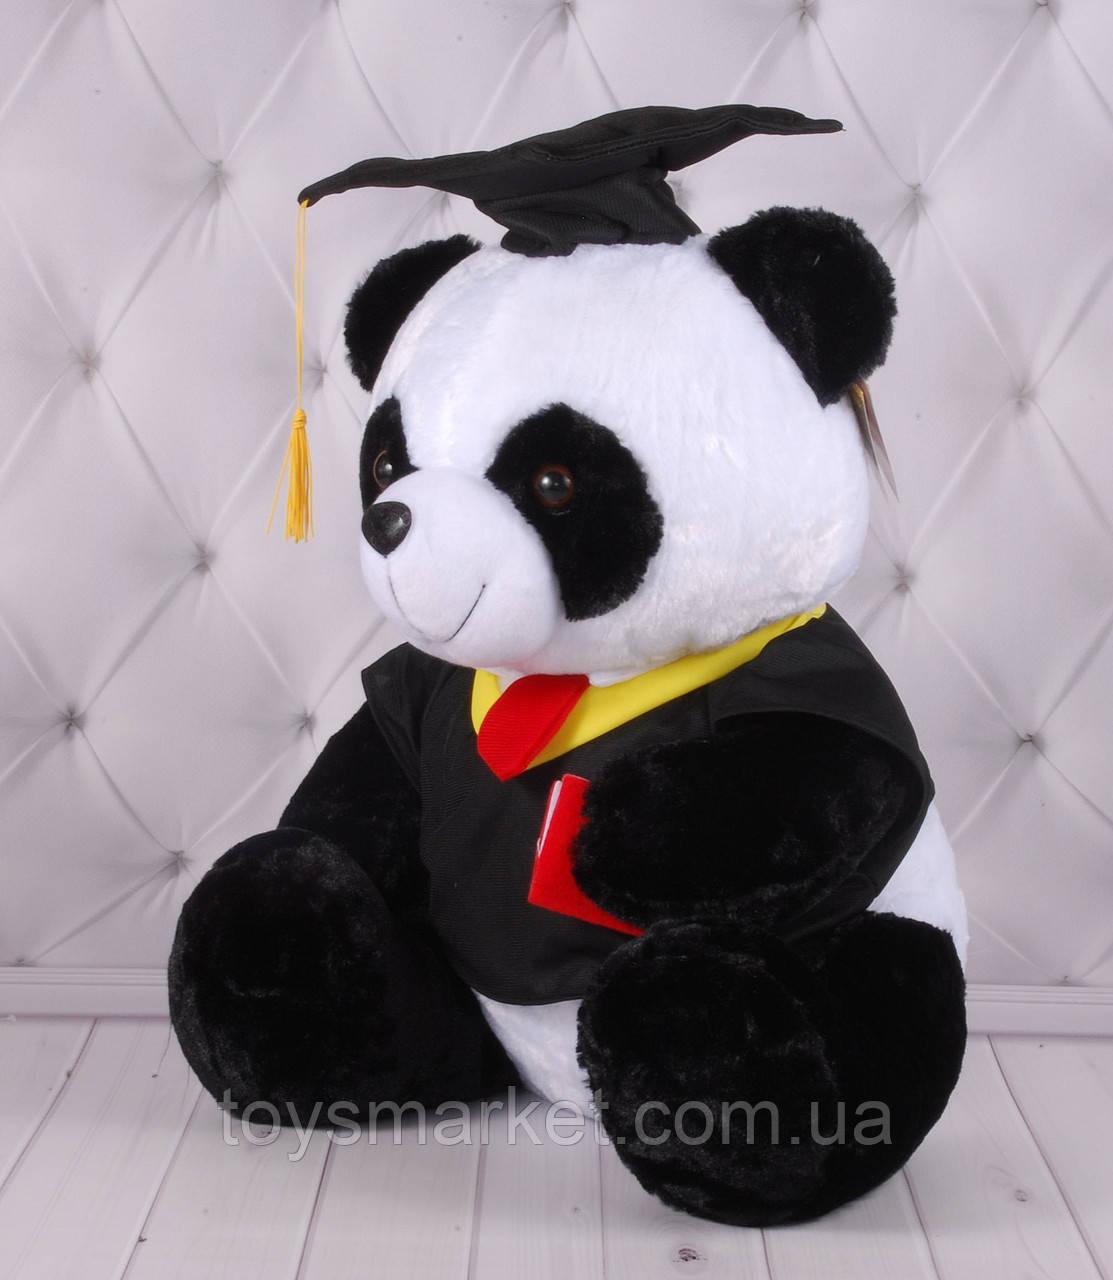 """Мягкая игрушка Панда №2 """"Выпускник"""", плюшевый мишка, плюшевая Панда"""